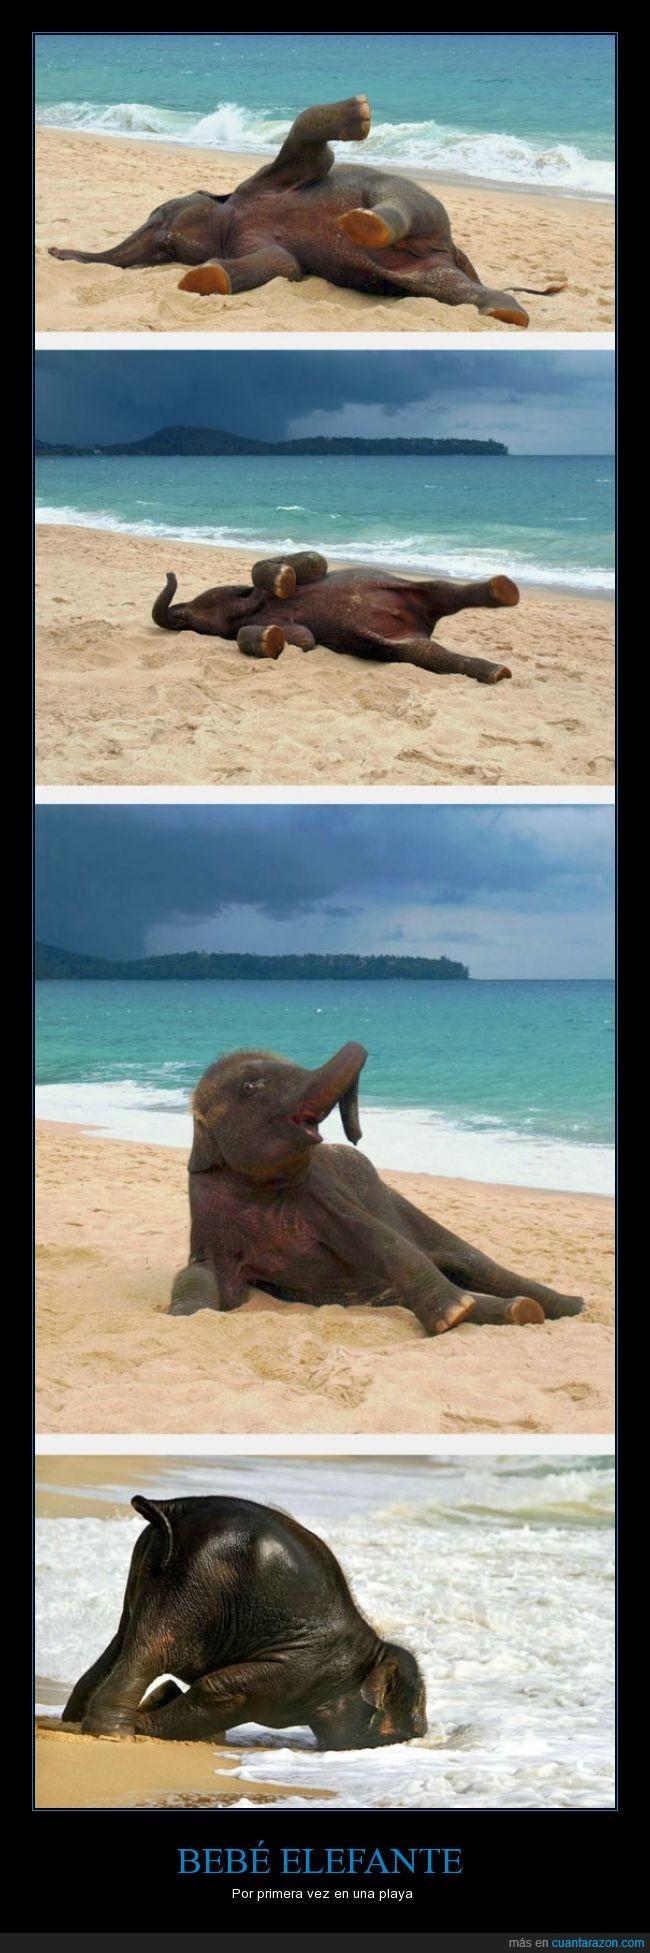 beb elefante